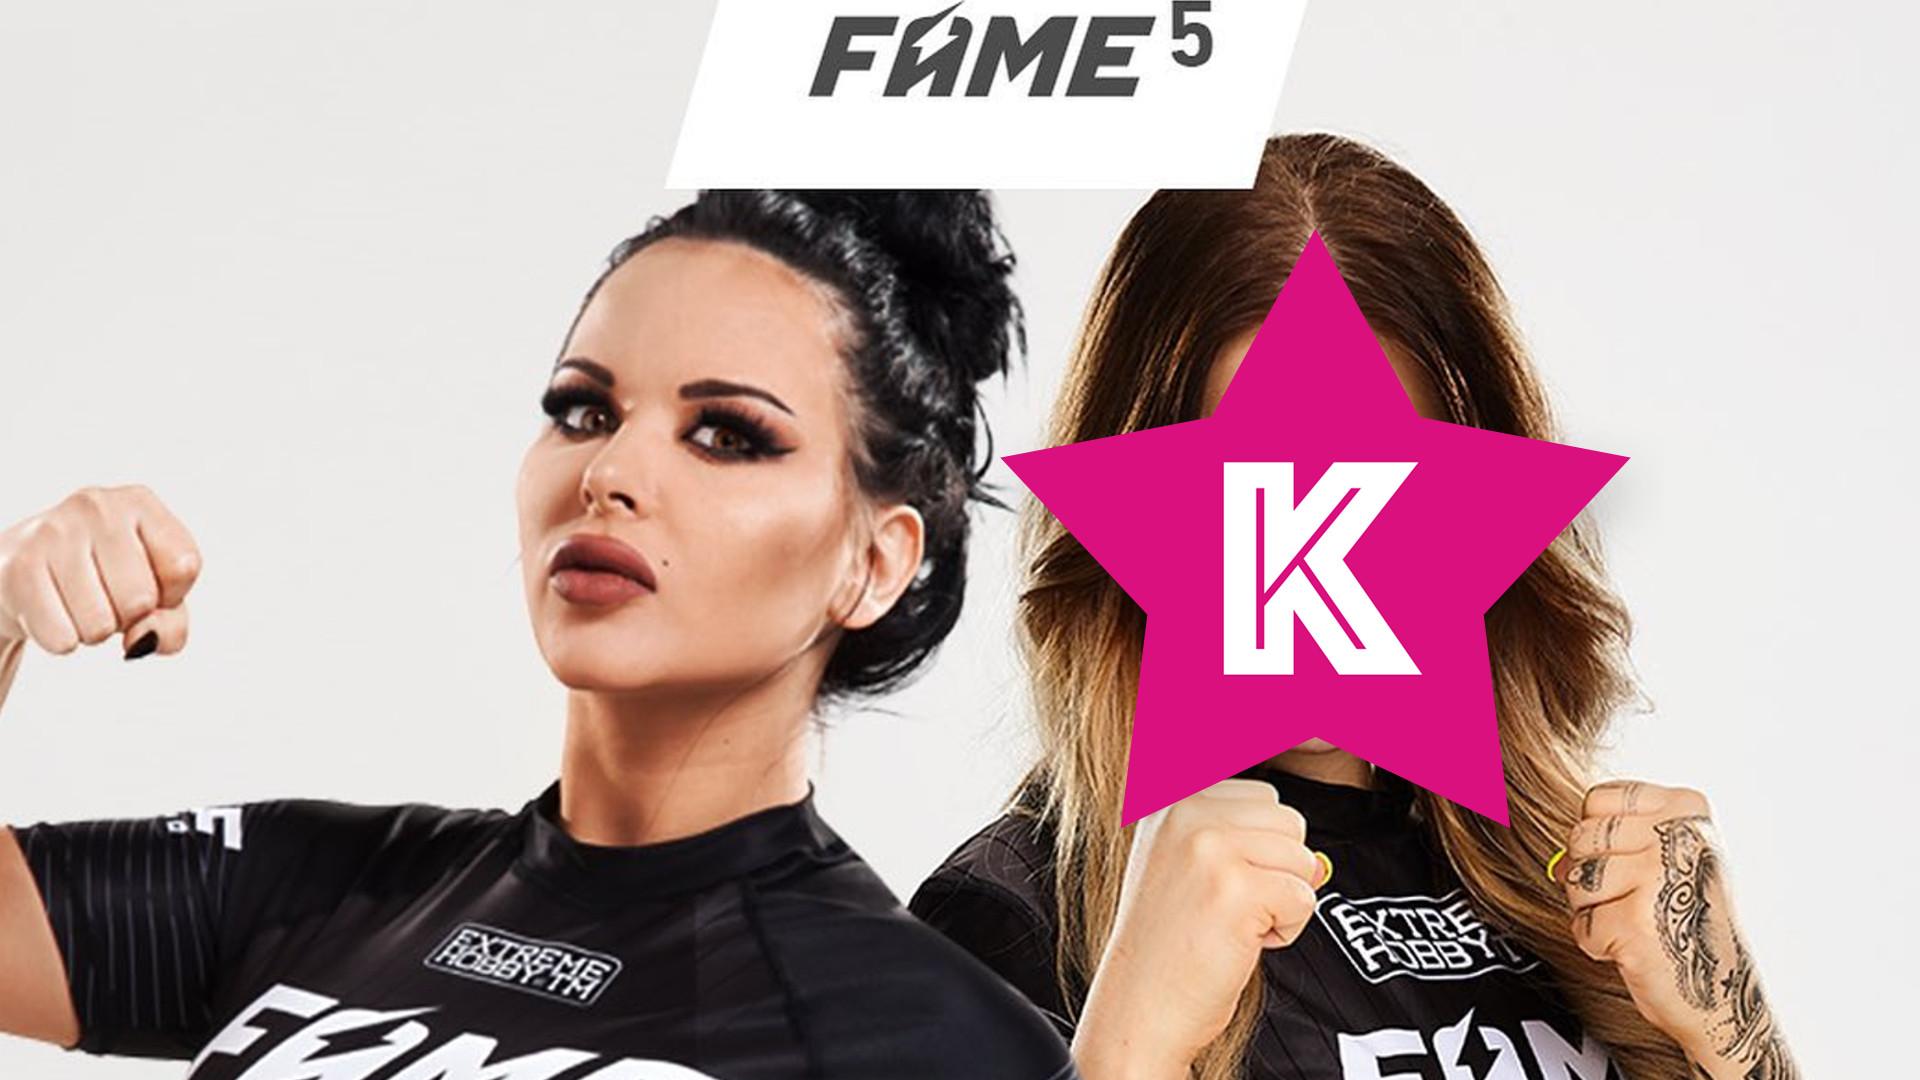 FAME MMA 5: Podano nowe gwiazdy, które zawalczą w oktagonie! Szykuje się emocjonująca walka